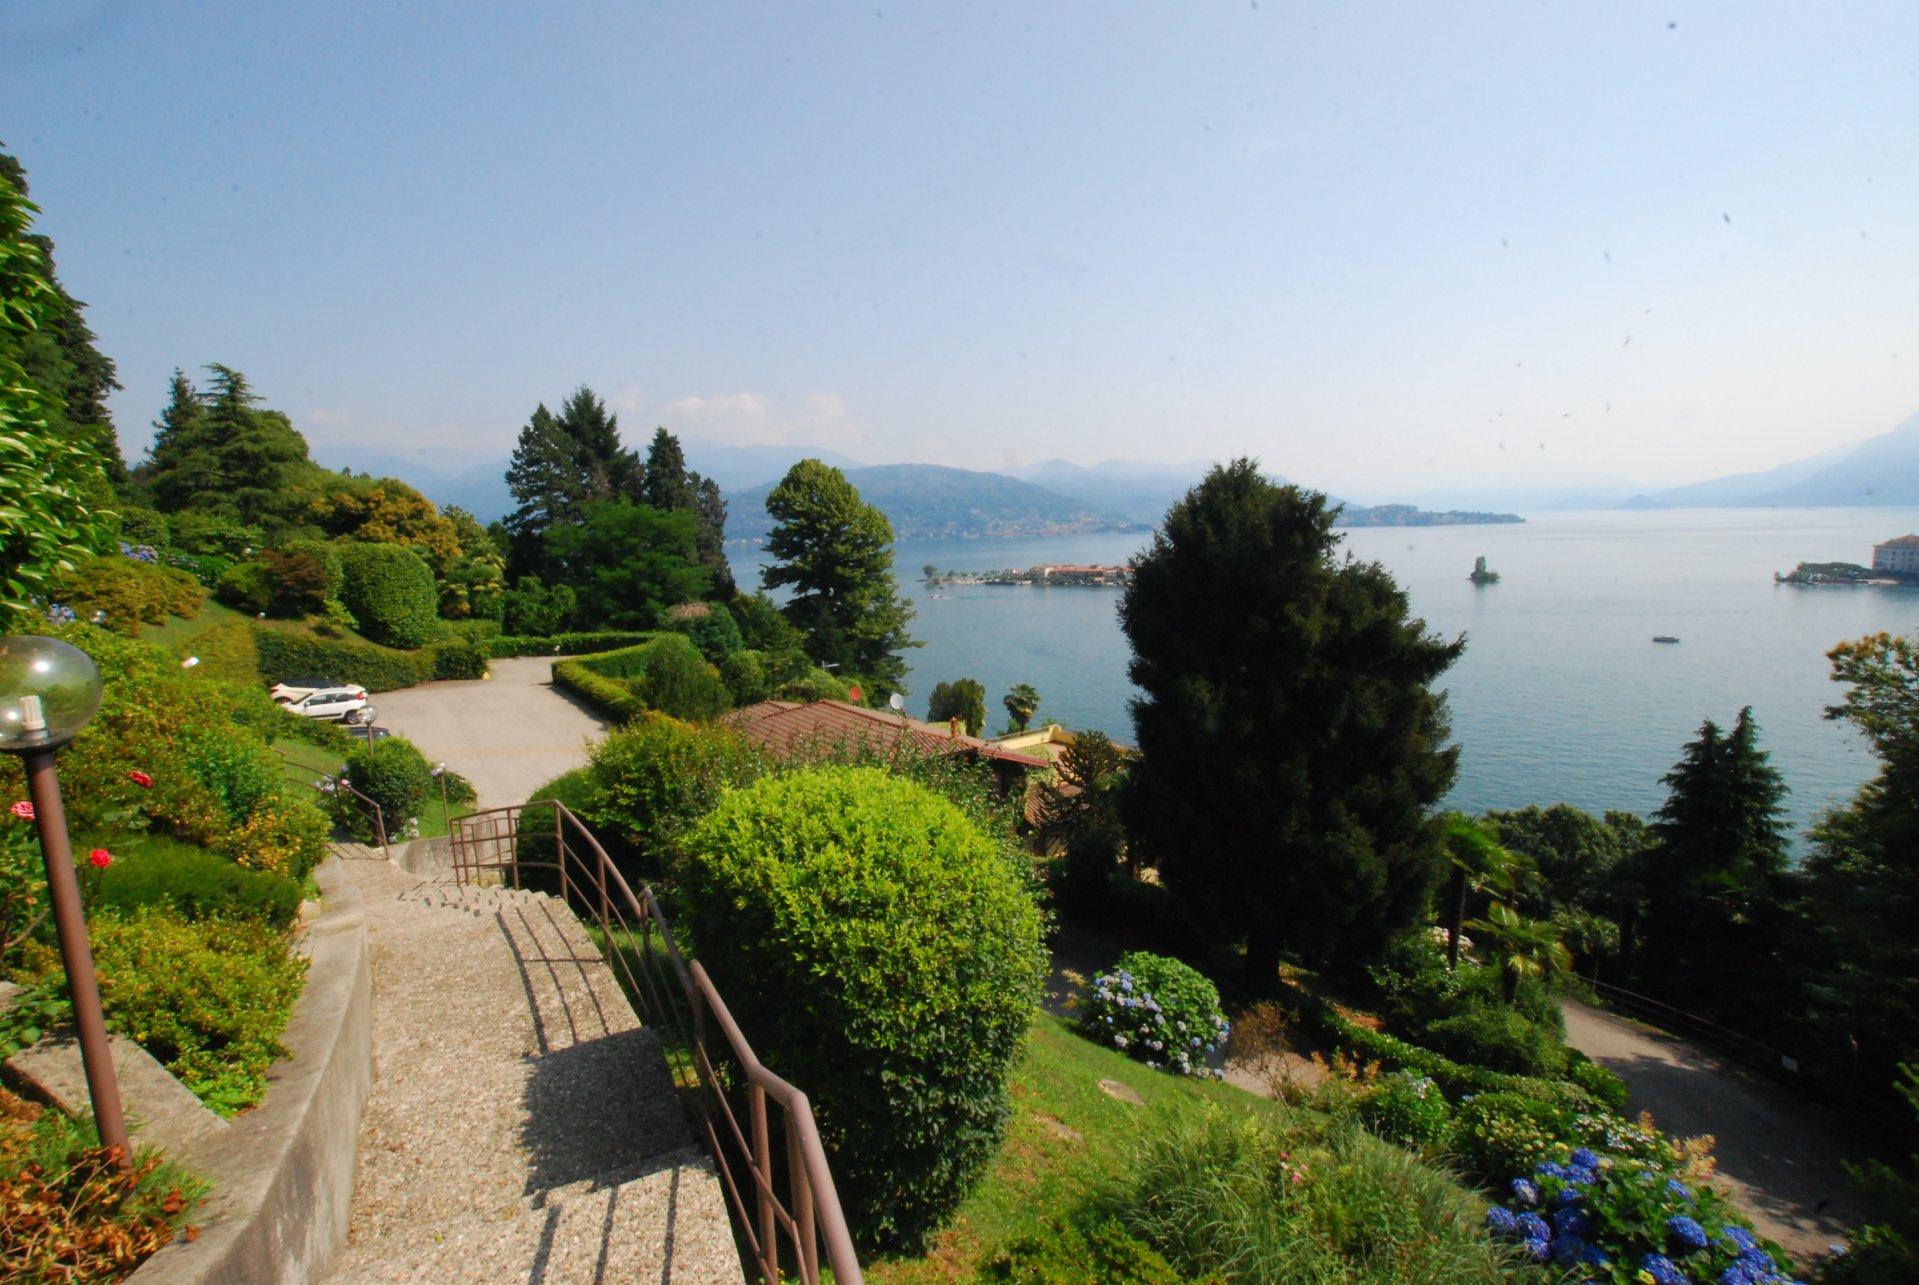 Verkauf Wohnung - Stresa - Italien